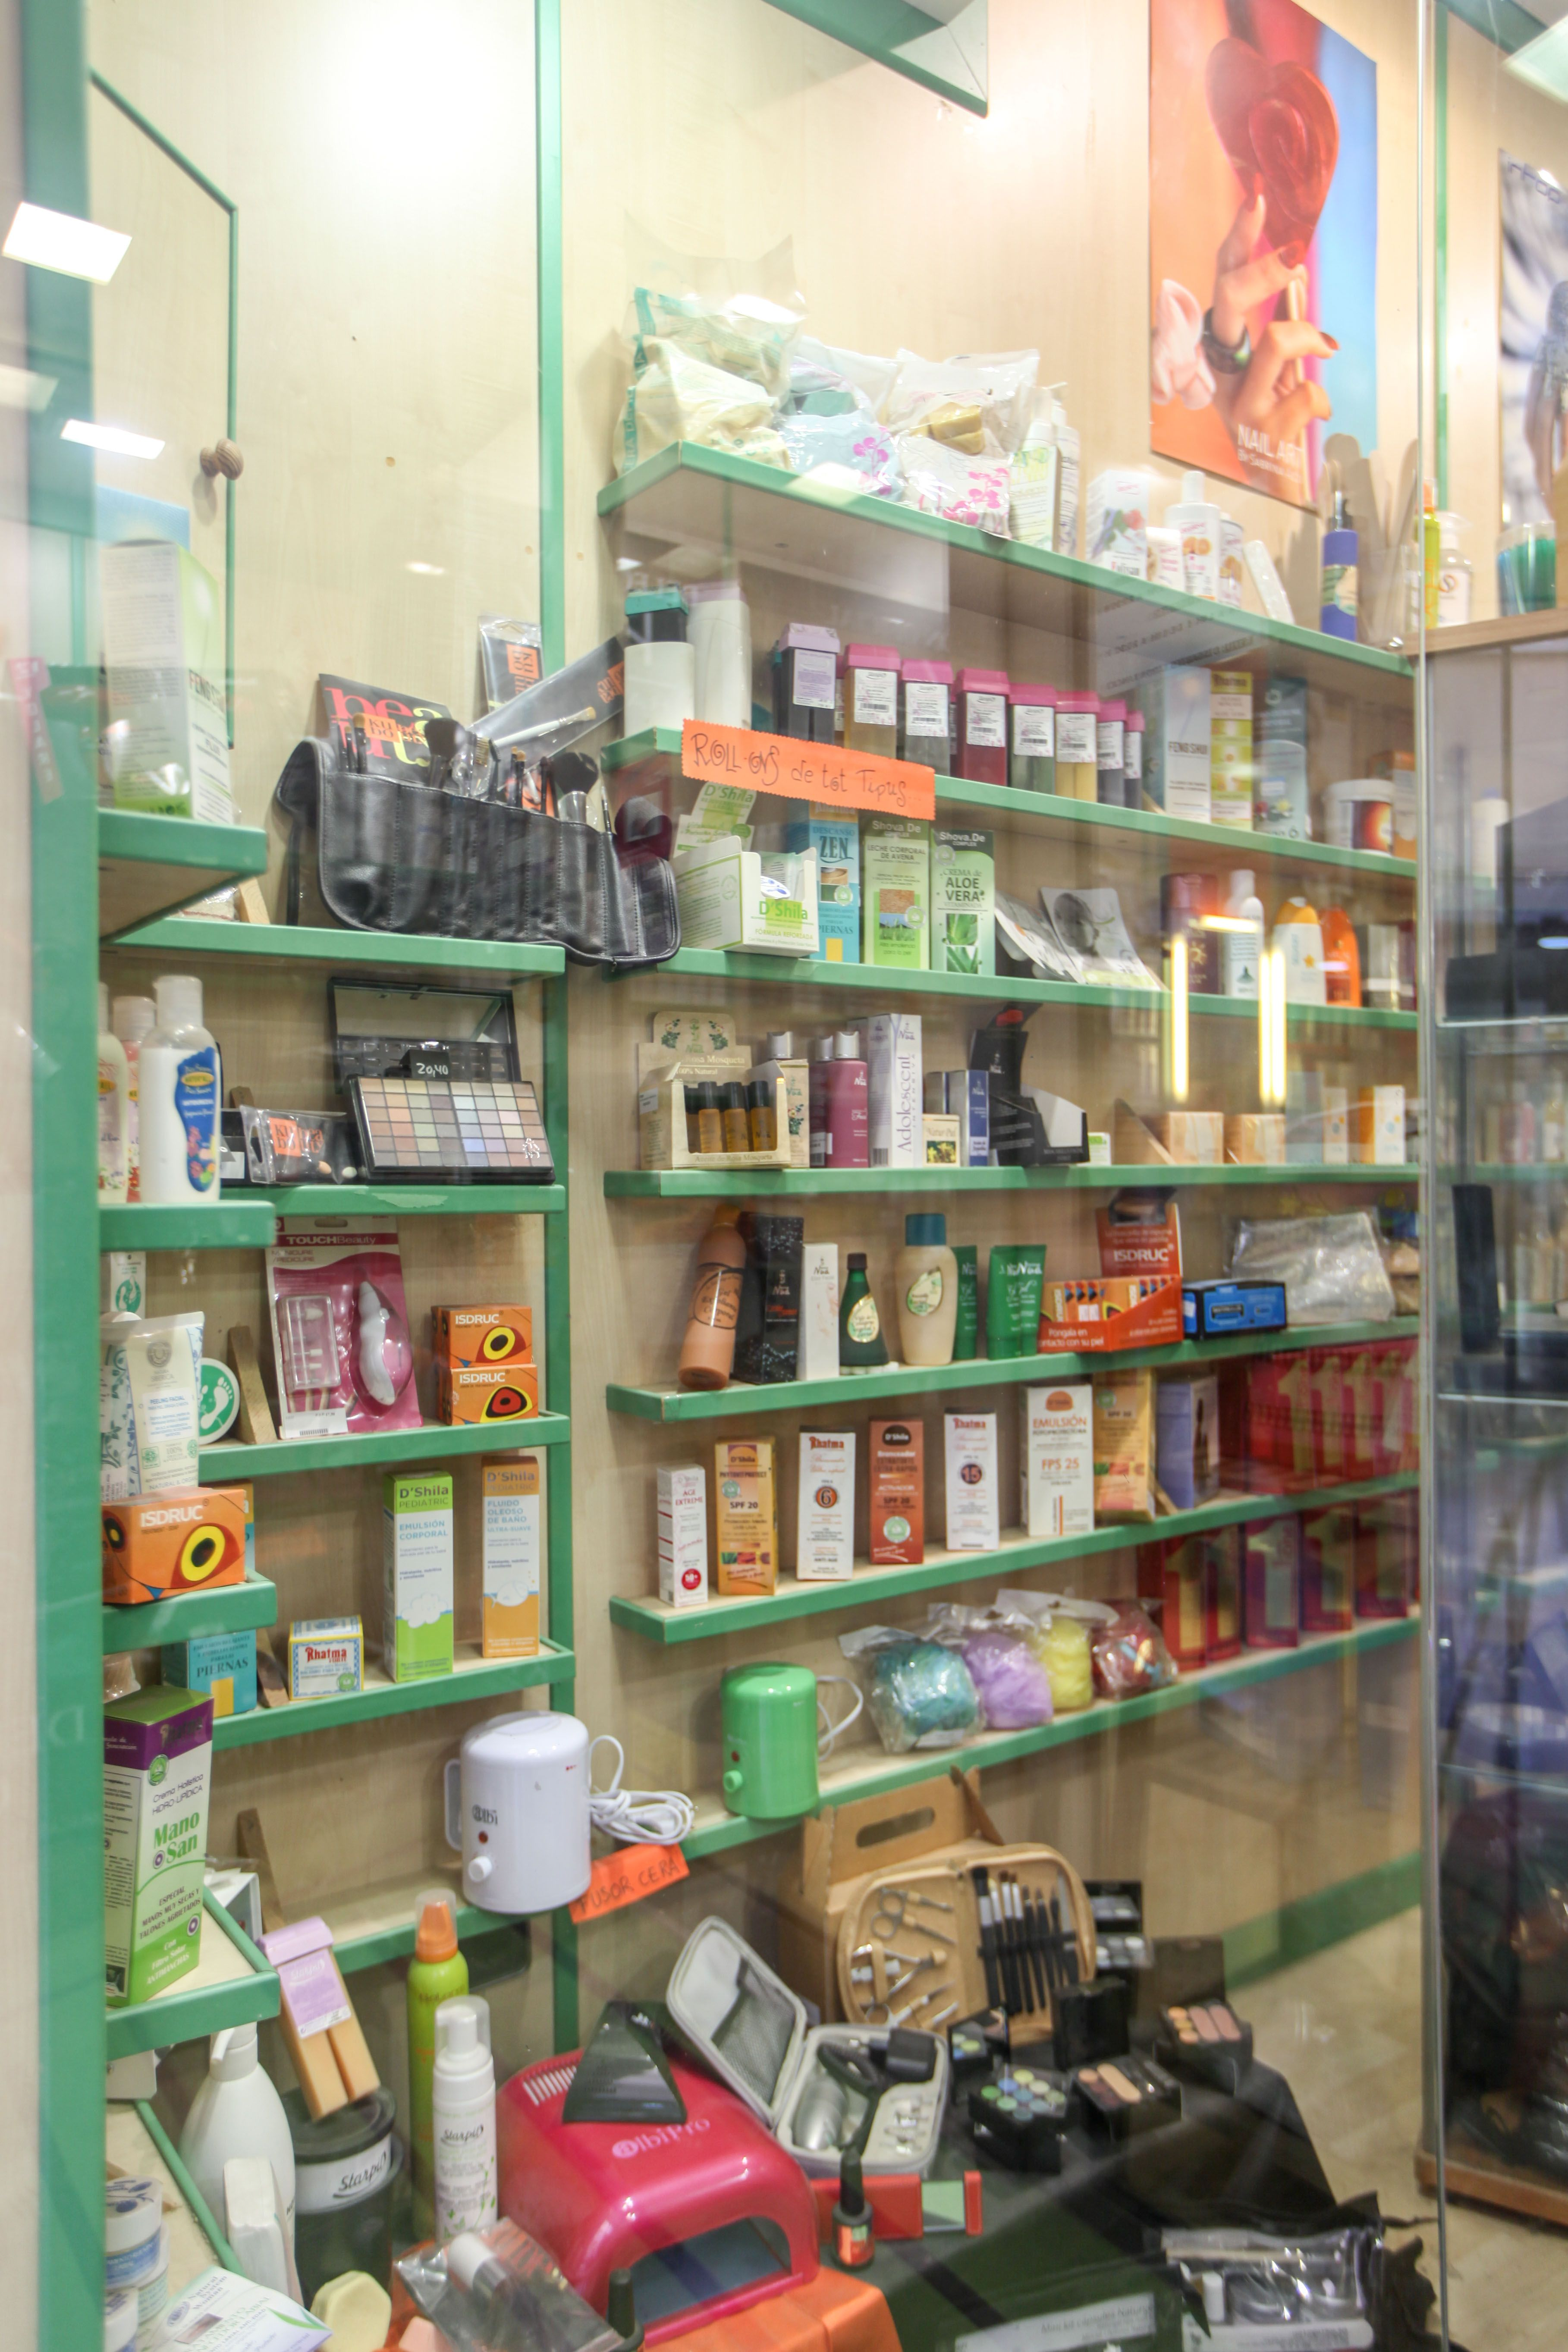 Foto 1 de Peluquería y estética (distribución) en Vilafranca del Penedès | Montse Domingo Distribucions